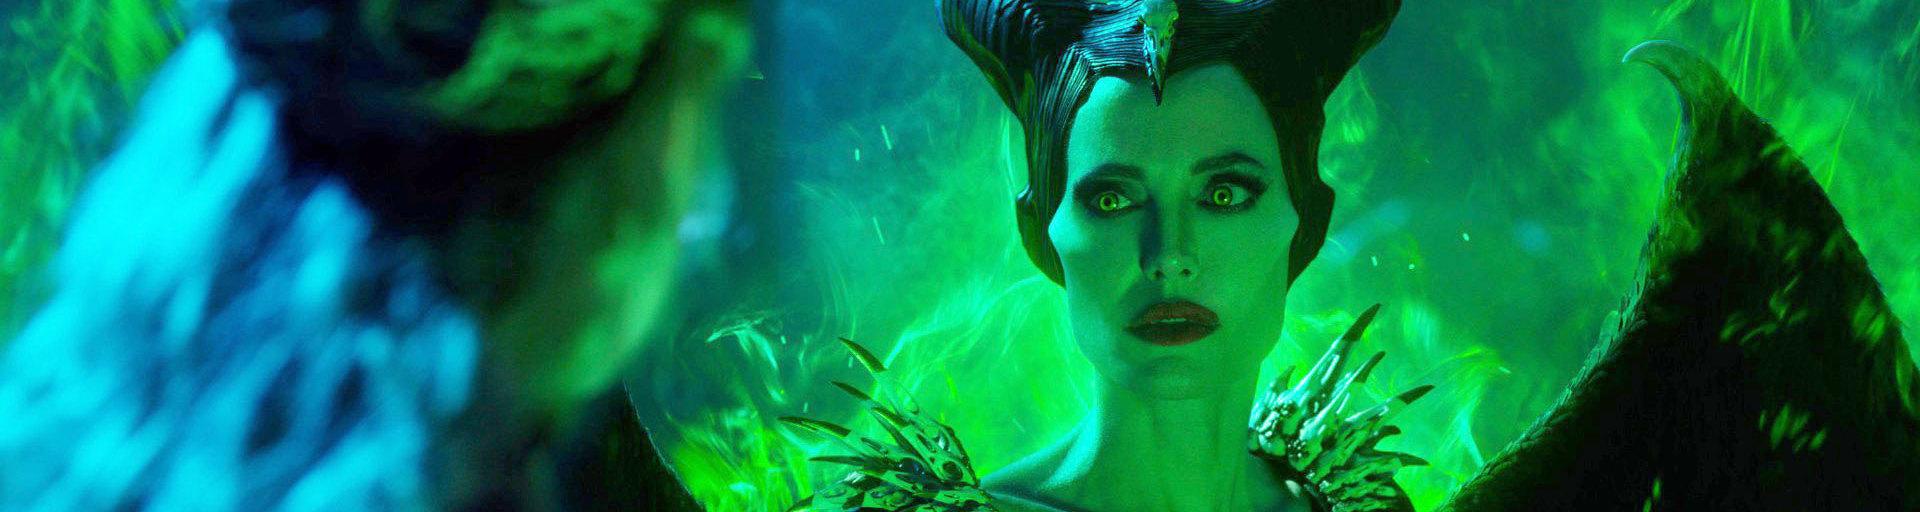 Святая исексуальная. Что значит «Малефисента» дляАнджелины Джоли?